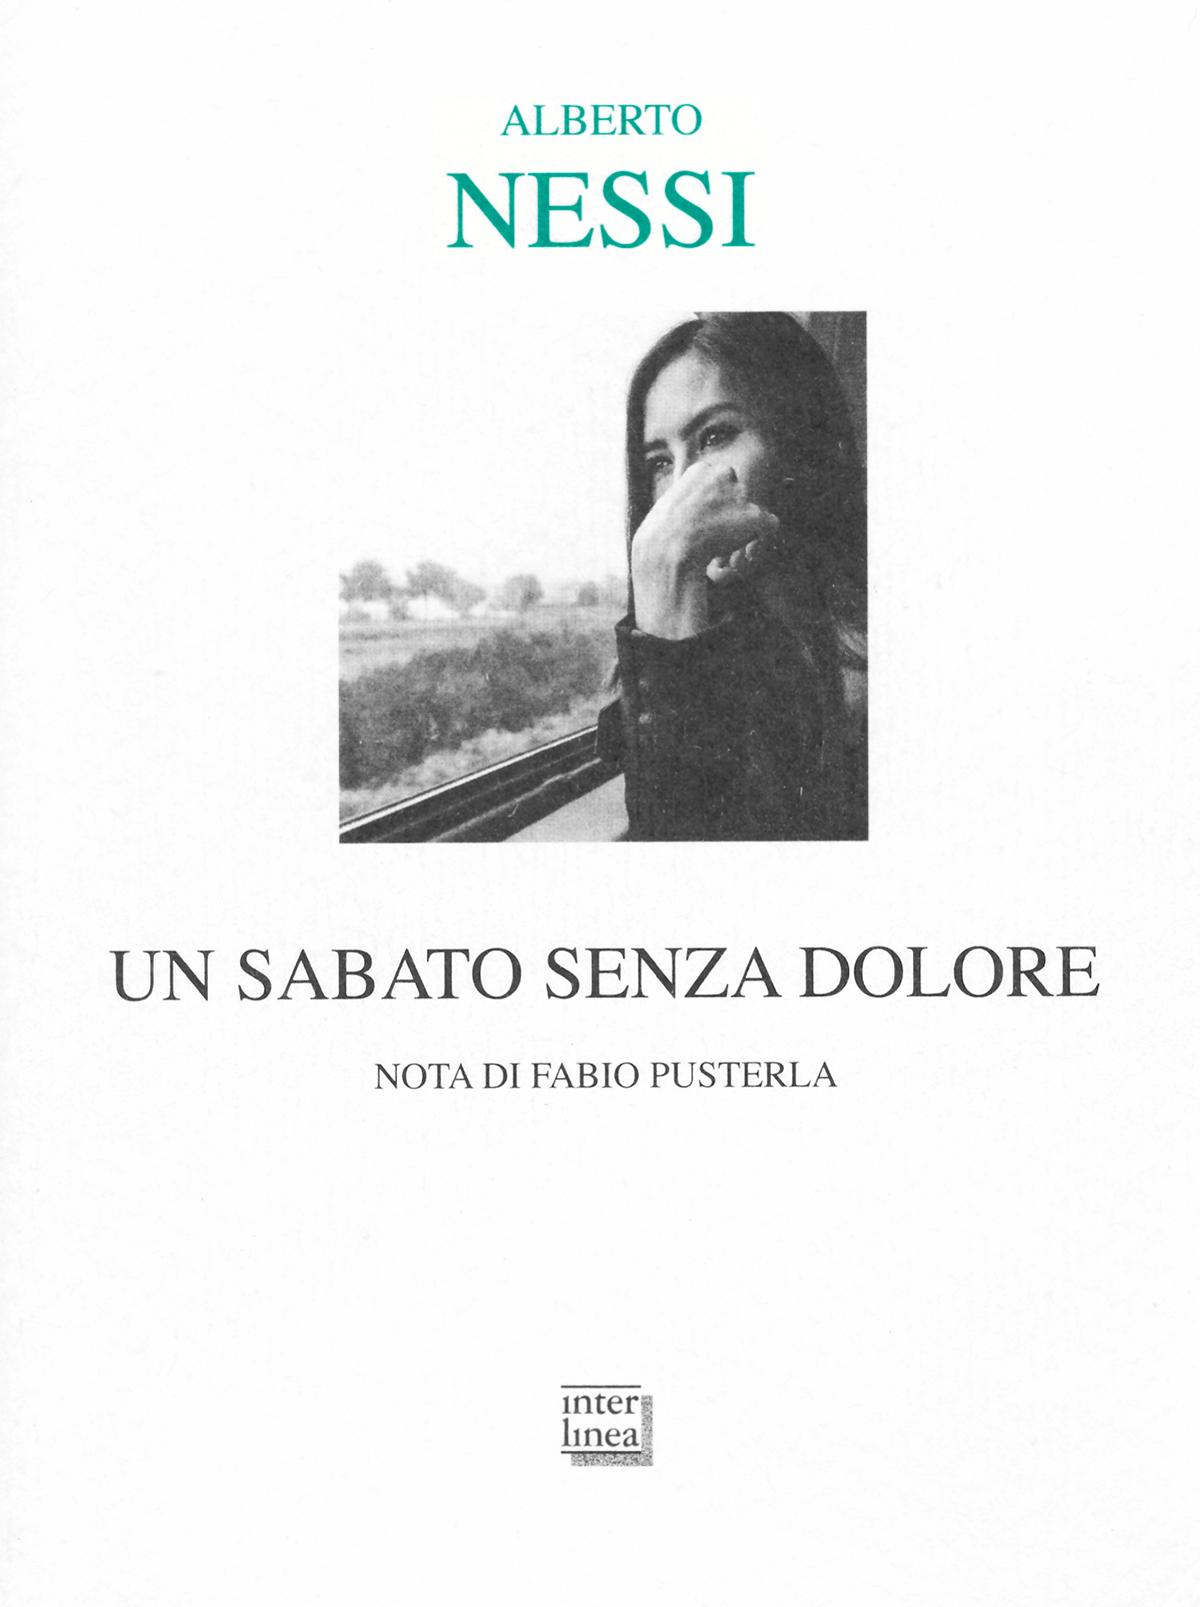 Copertina di Un sabato senza dolore di Alberto Nessi (Interlinea, Novara, 2016